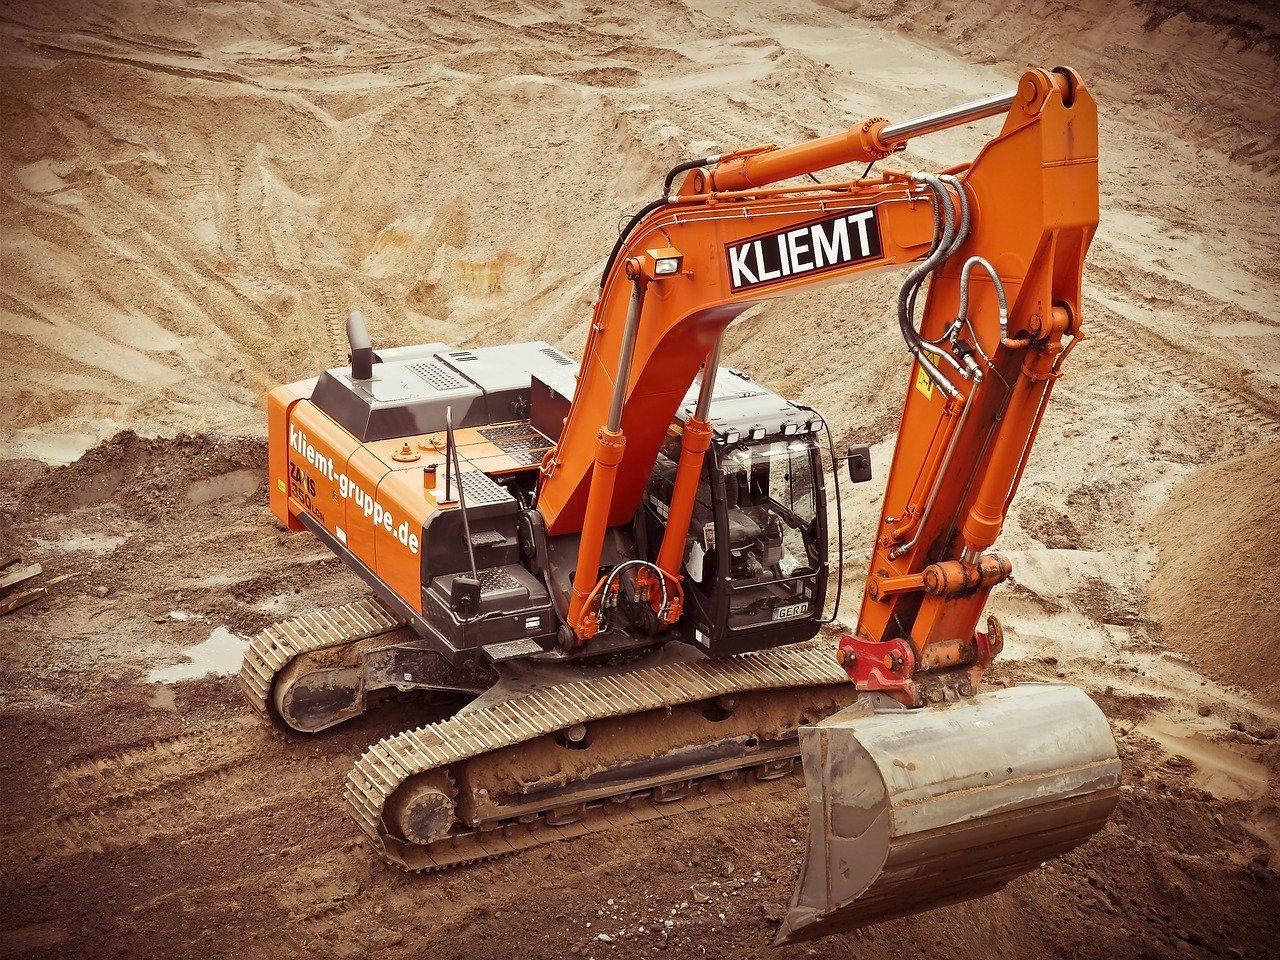 Wynajem maszyn budowlanych czy zakup? Zalety i wady obu rozwiązań